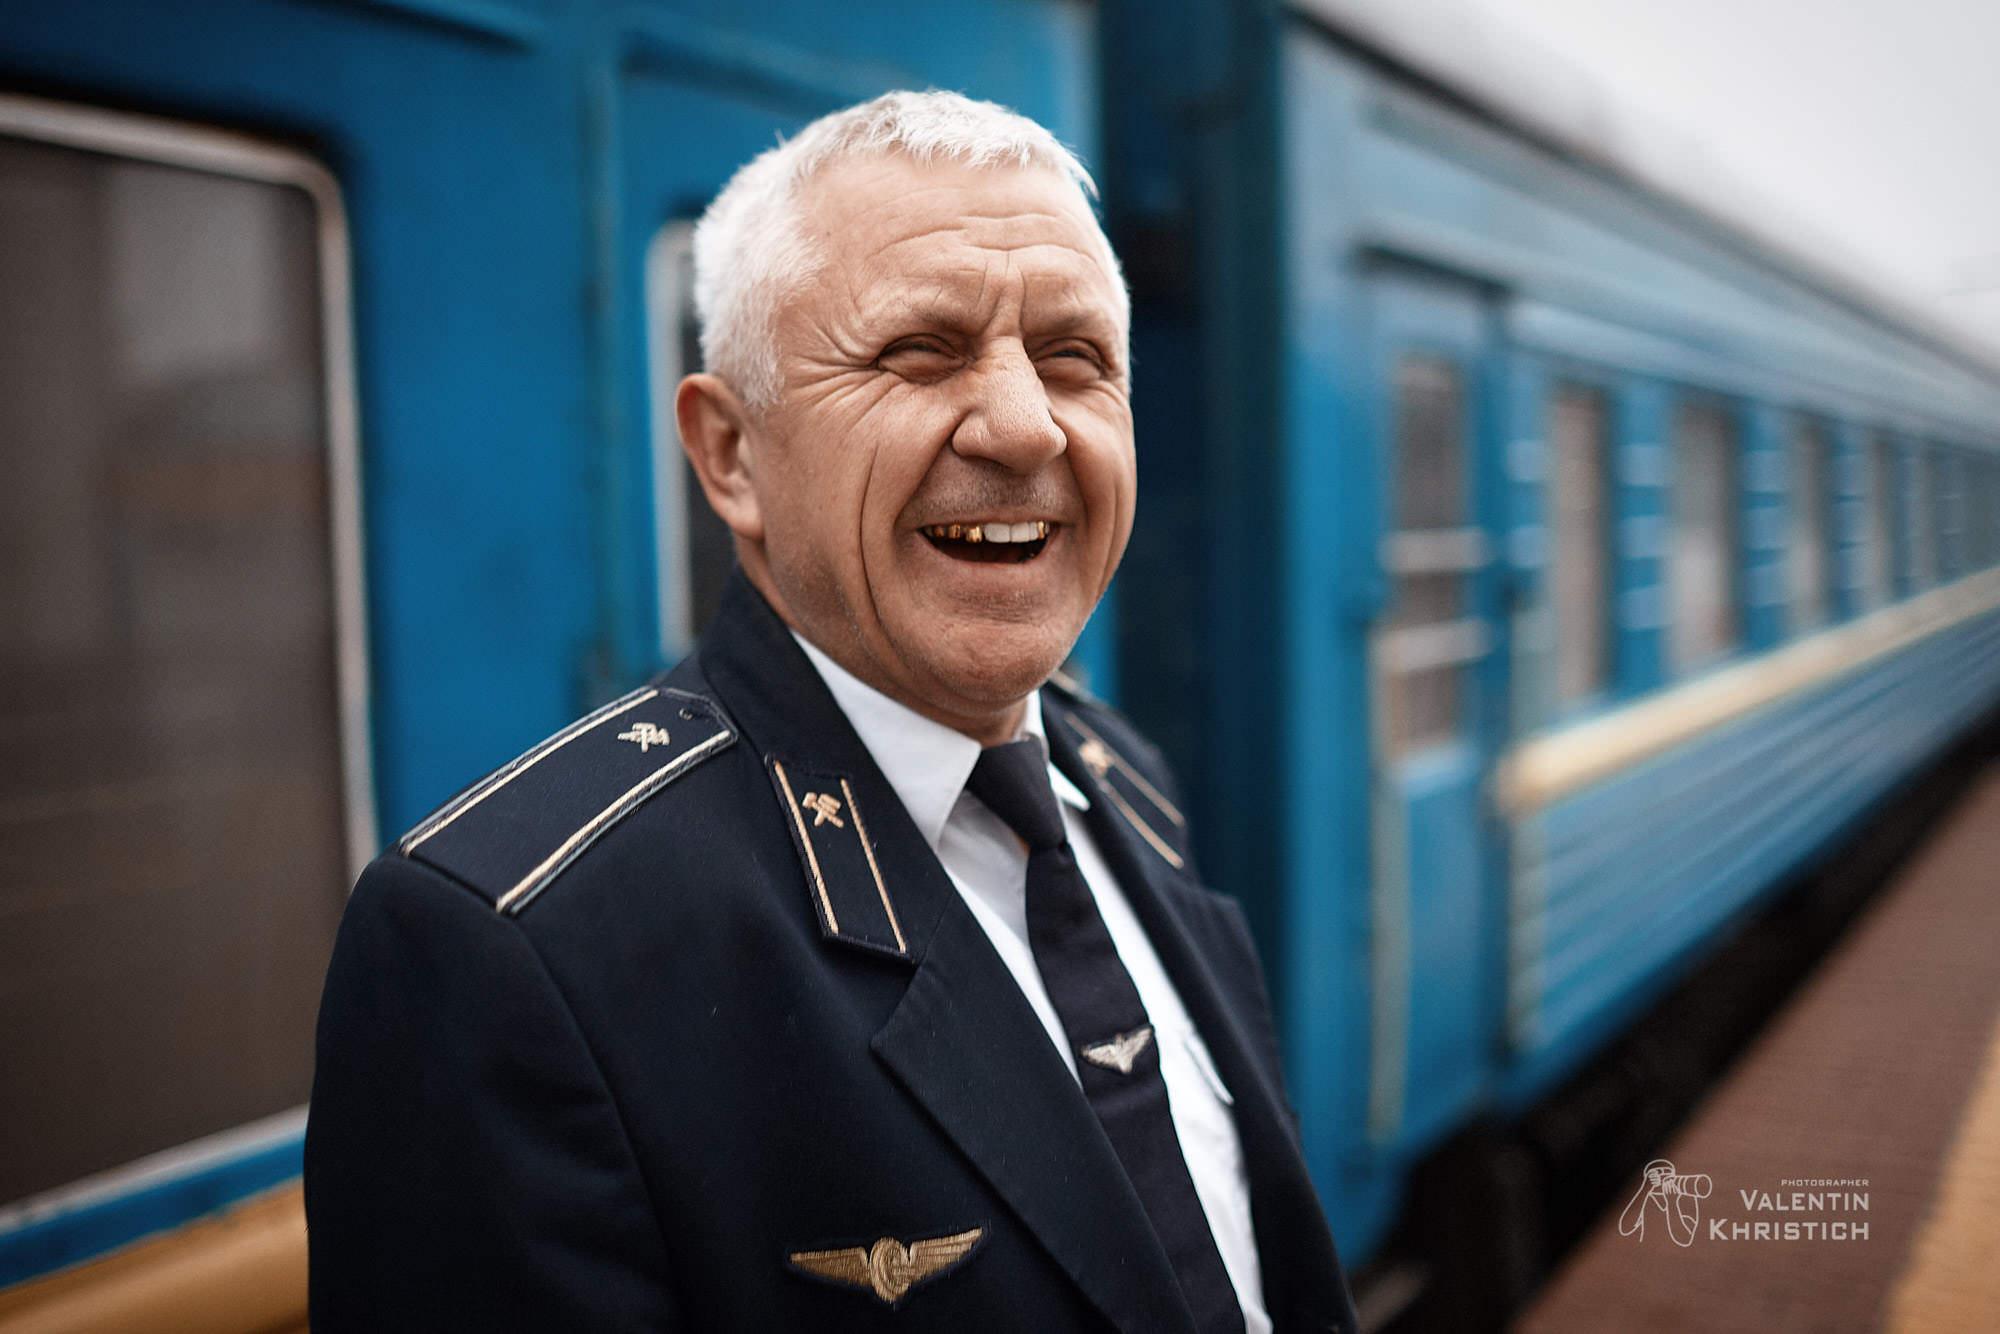 Валентин христич фотограф работа моделью в москве за 40 лет